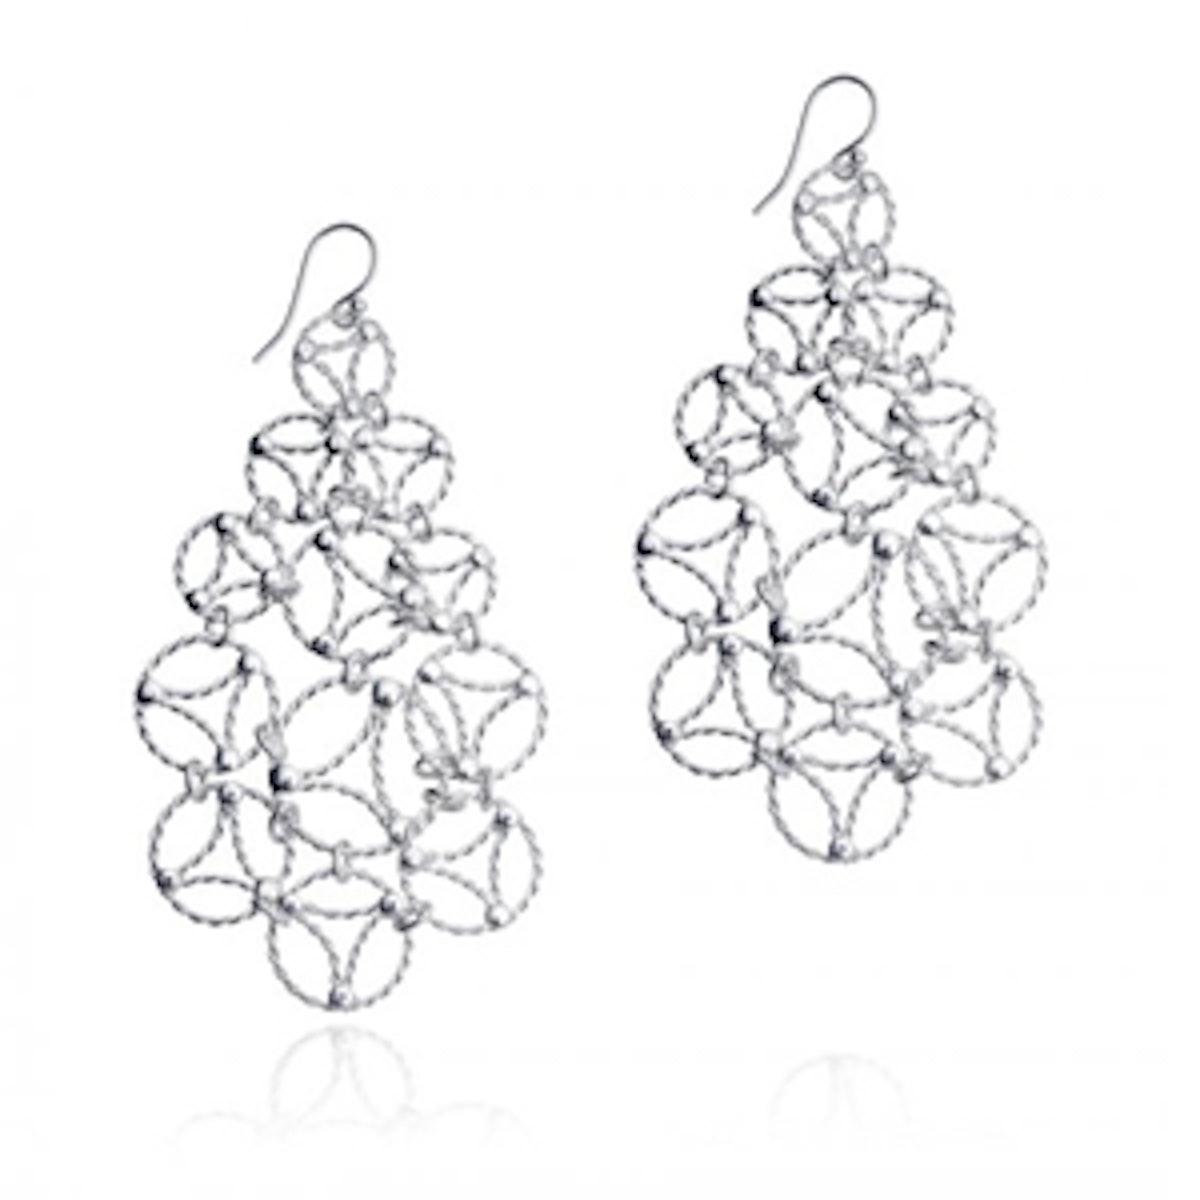 Abstract Chandelier Earrings